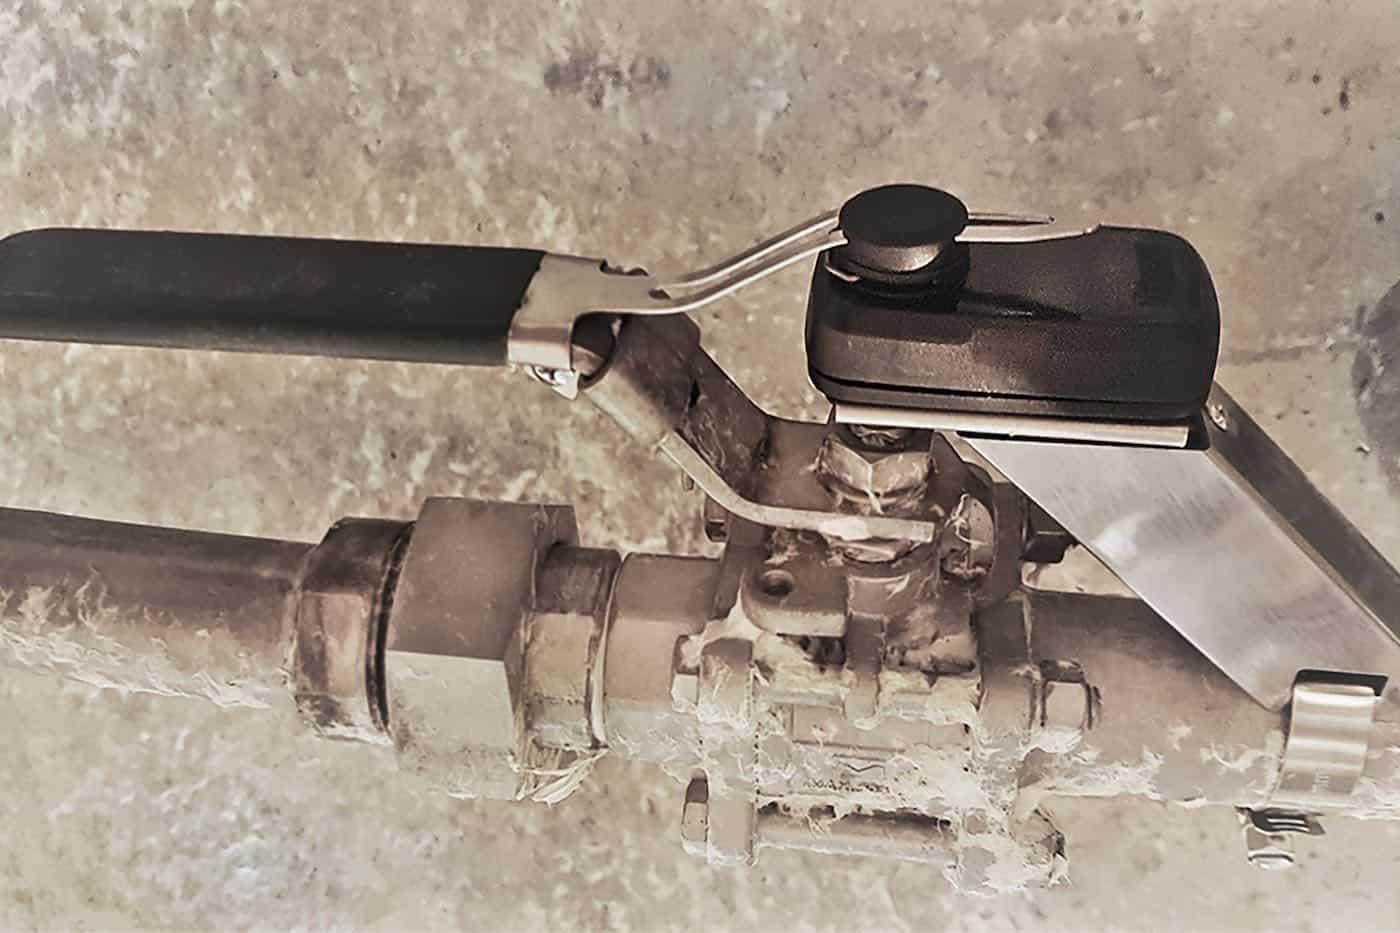 haltian angle sensor mounted